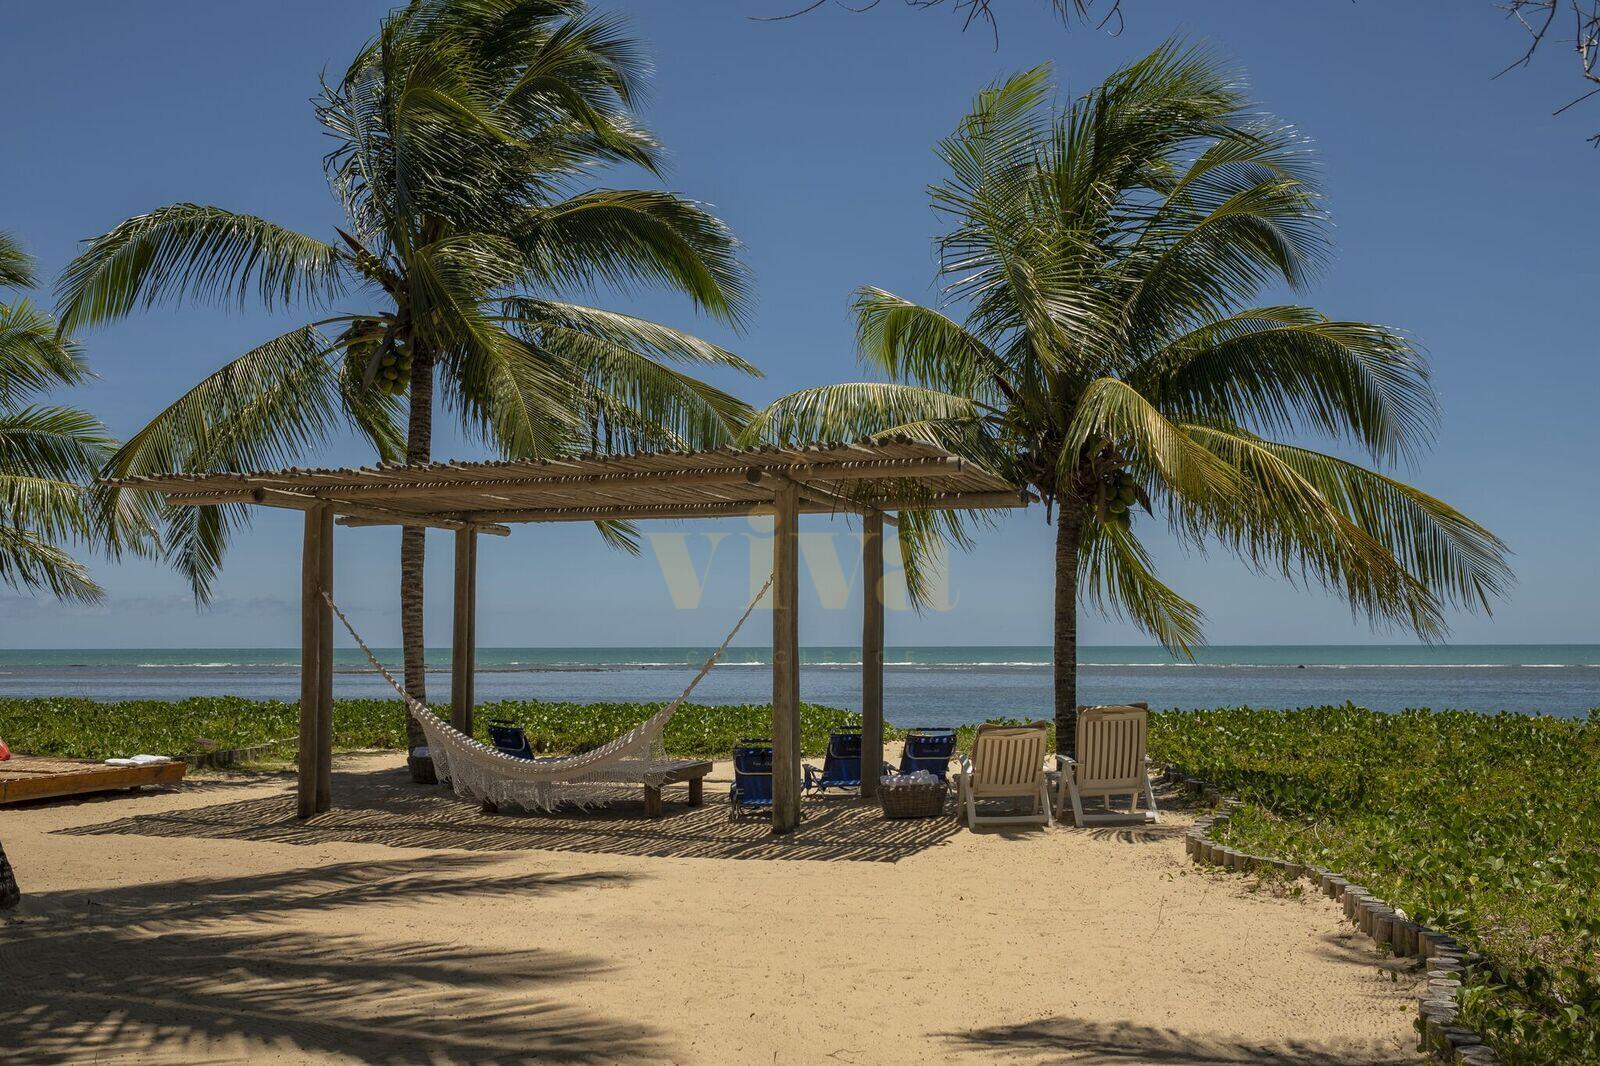 Apoio de praia - relax rede 1